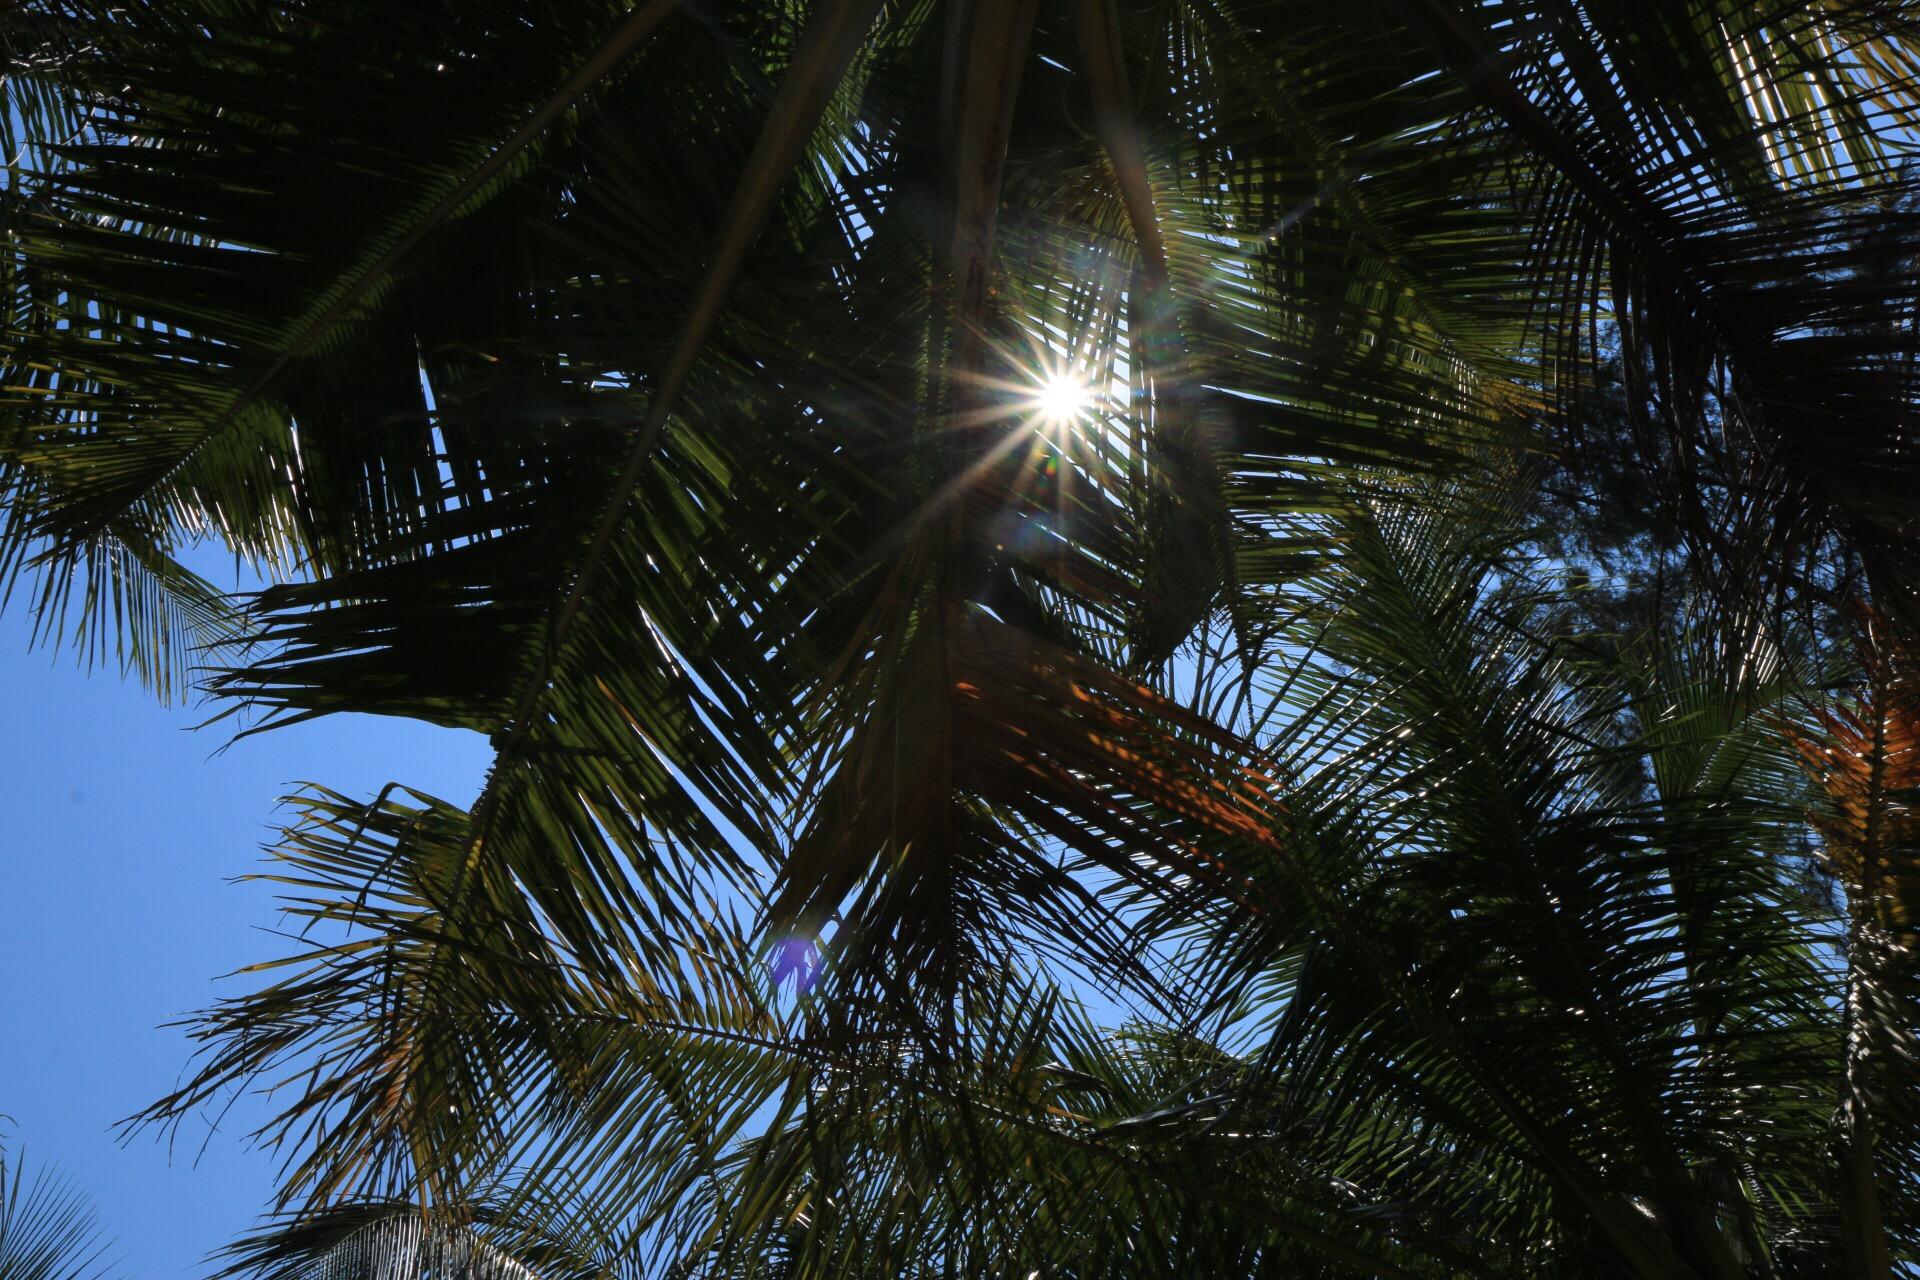 Unter diesen Palmen durften wir dann auf die Rückfahrt warten.